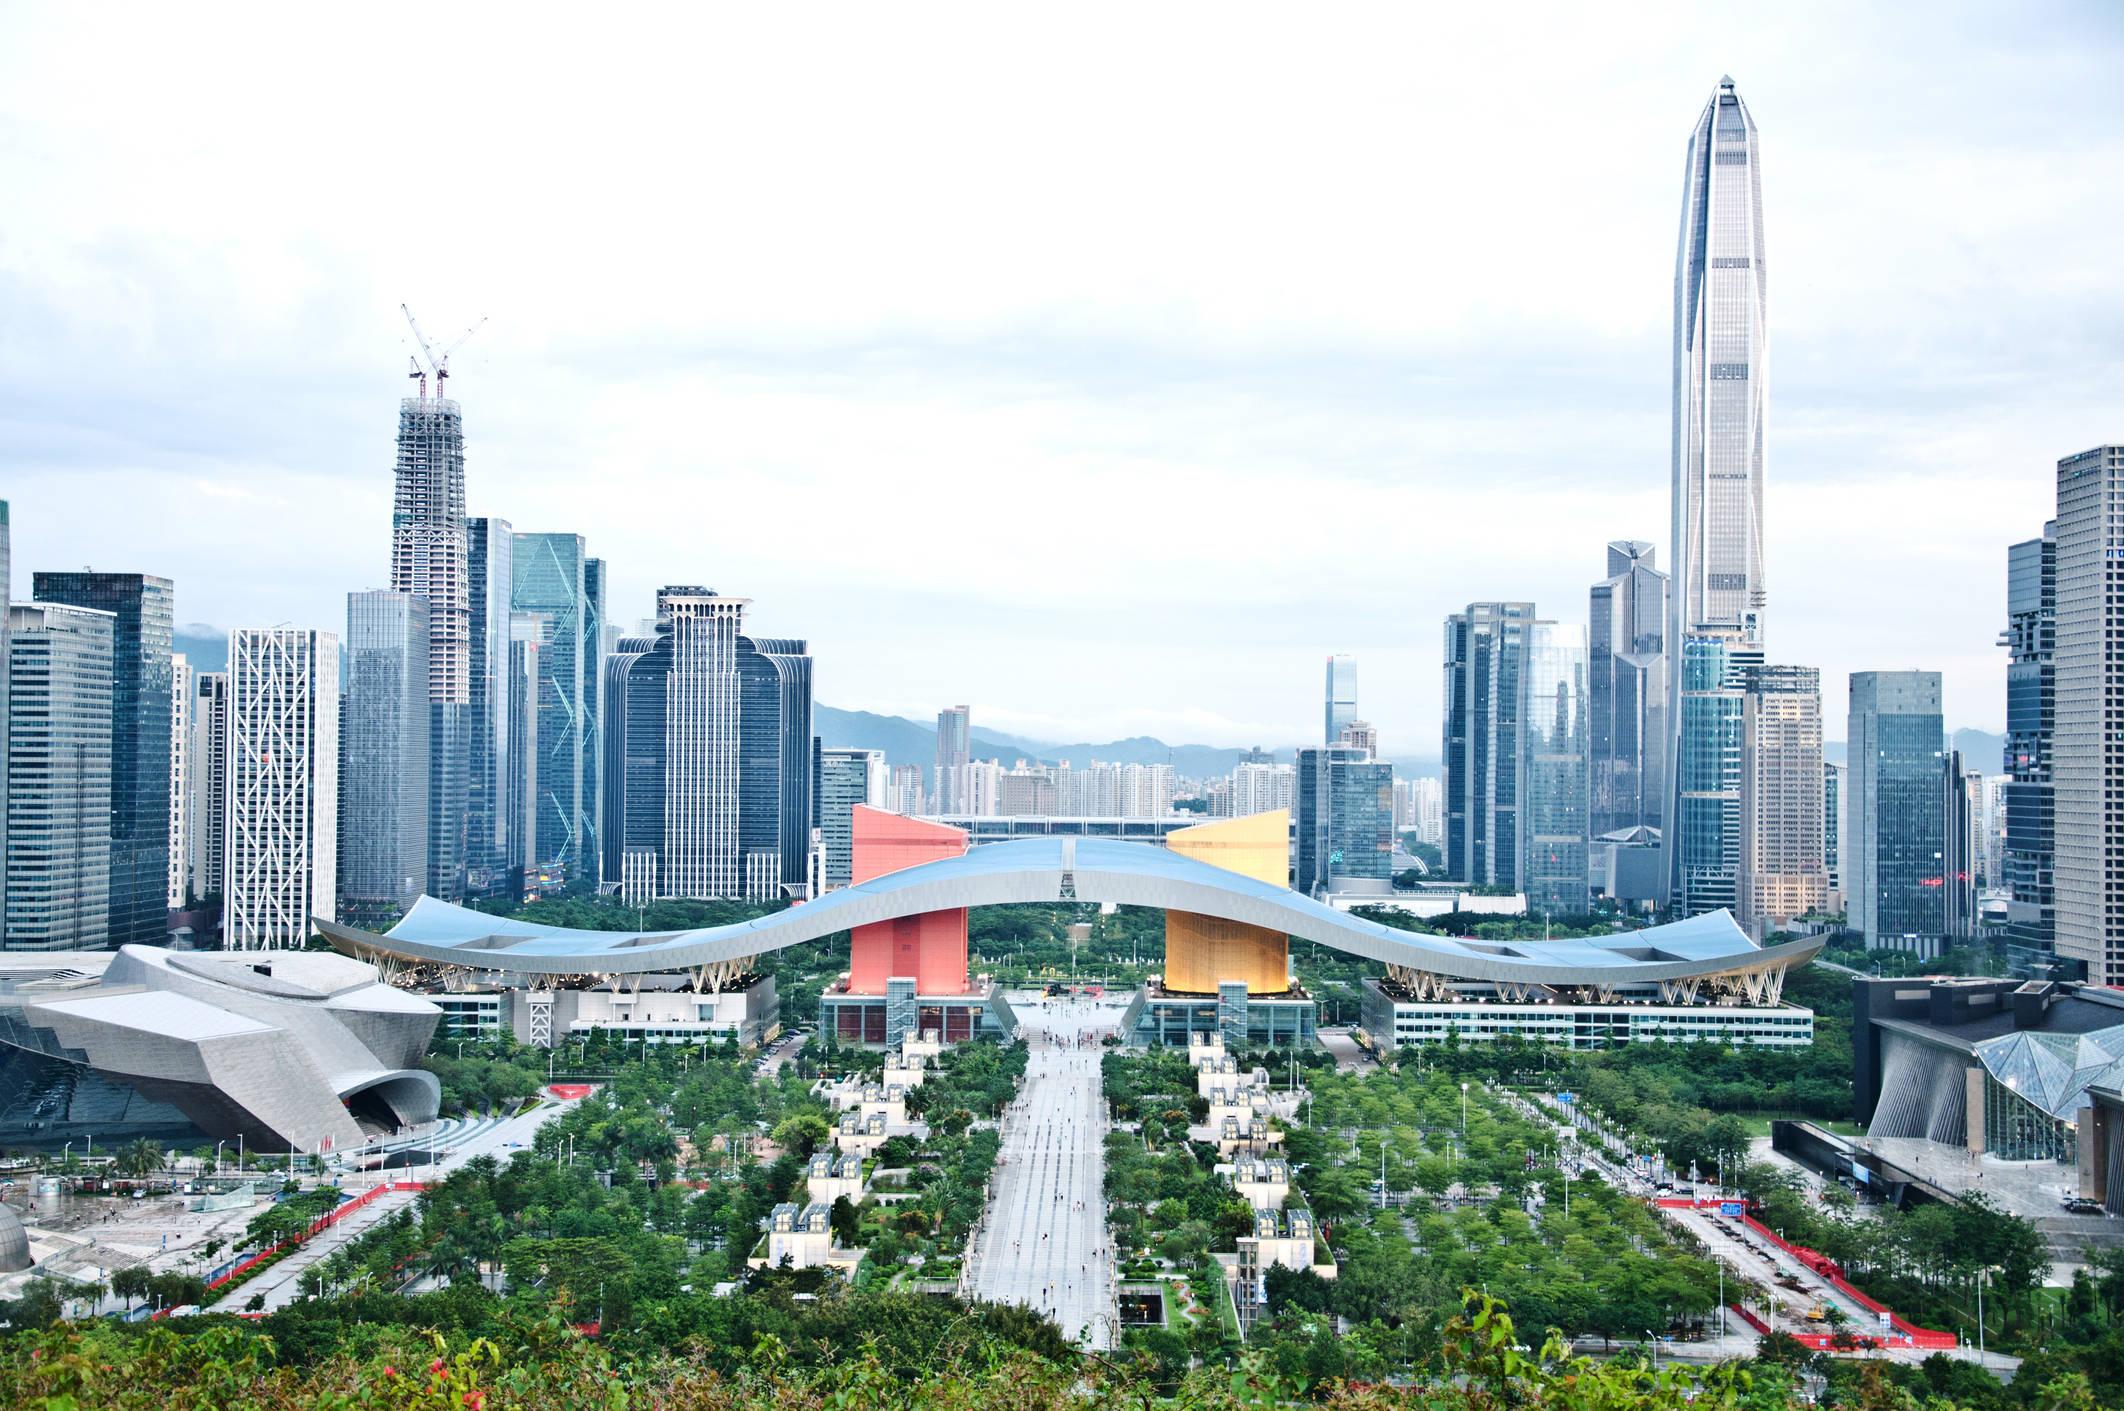 原创             再获中国政务云市场第一 华为云如何继续做好引领者?